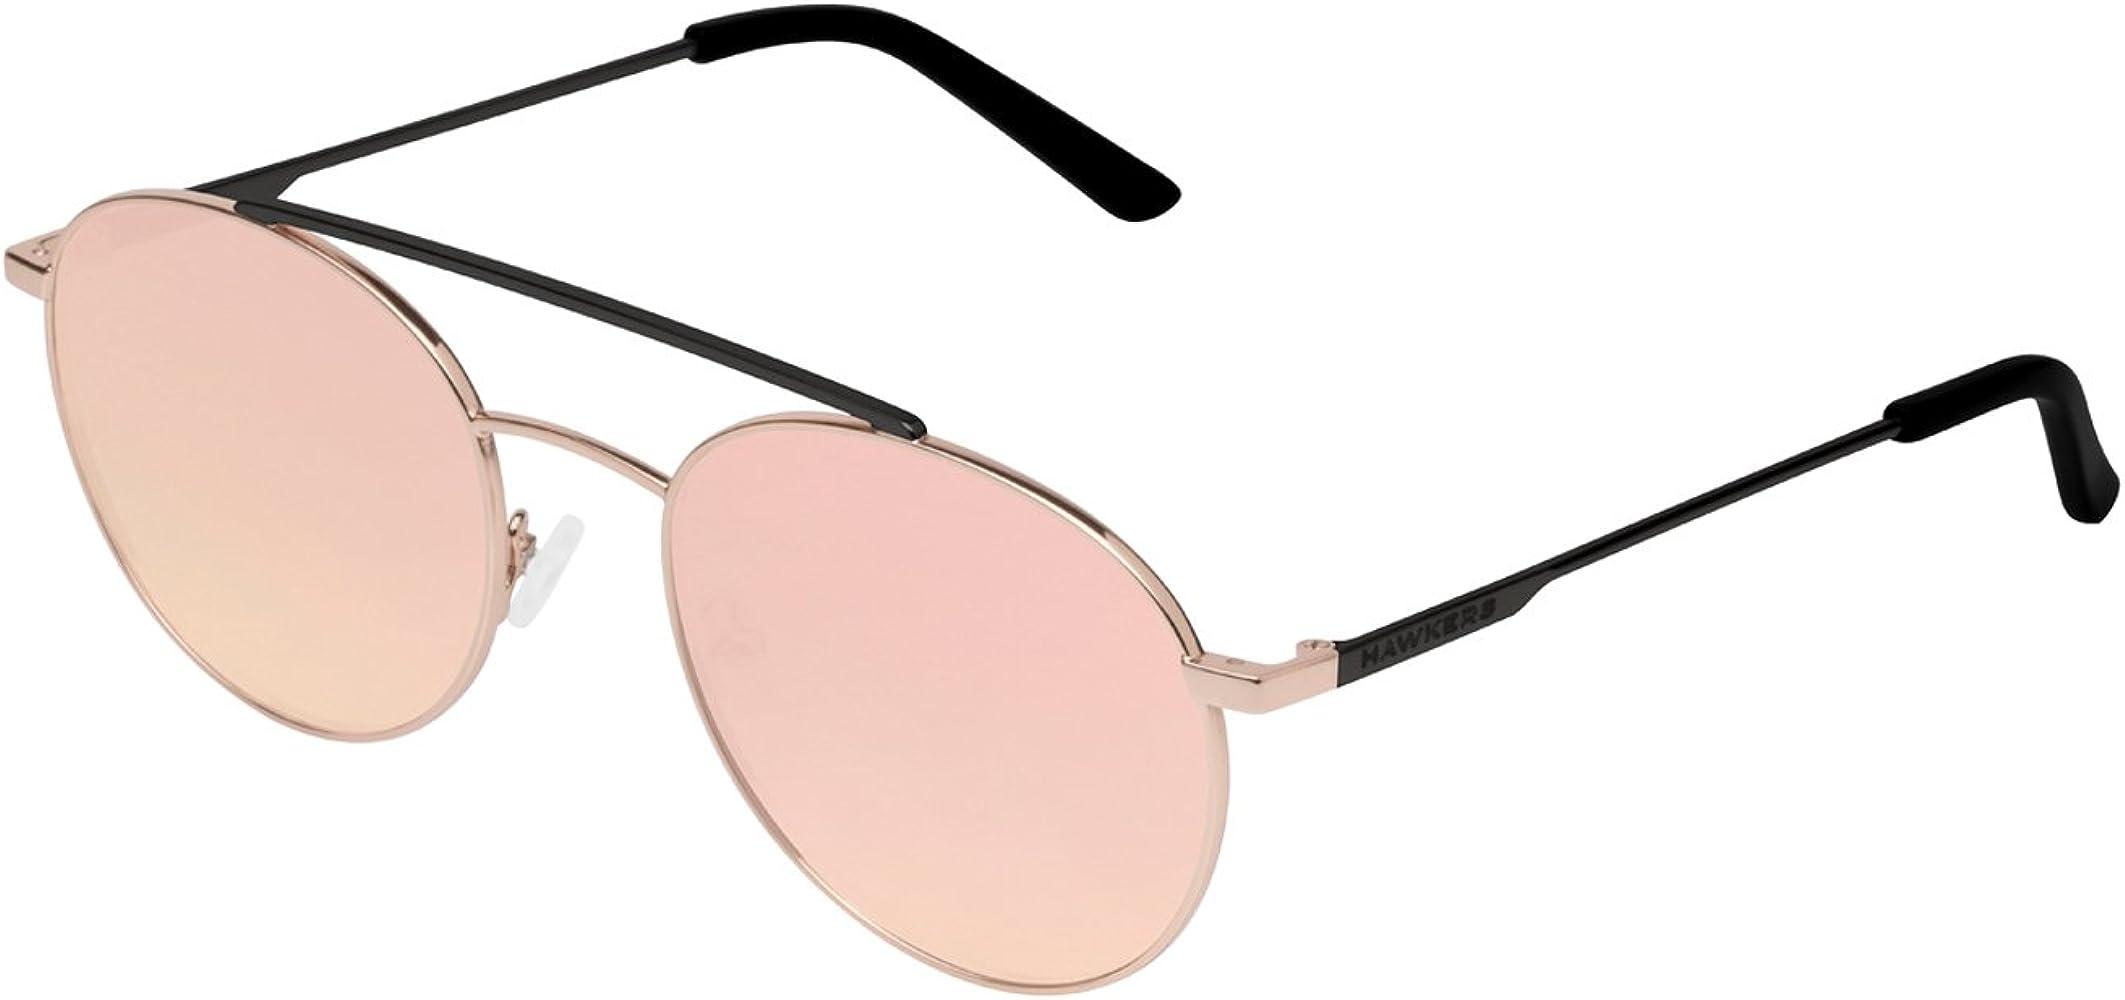 HAWKERS · HILLS · Rose Gold · Gafas de sol para hombre y mujer ...